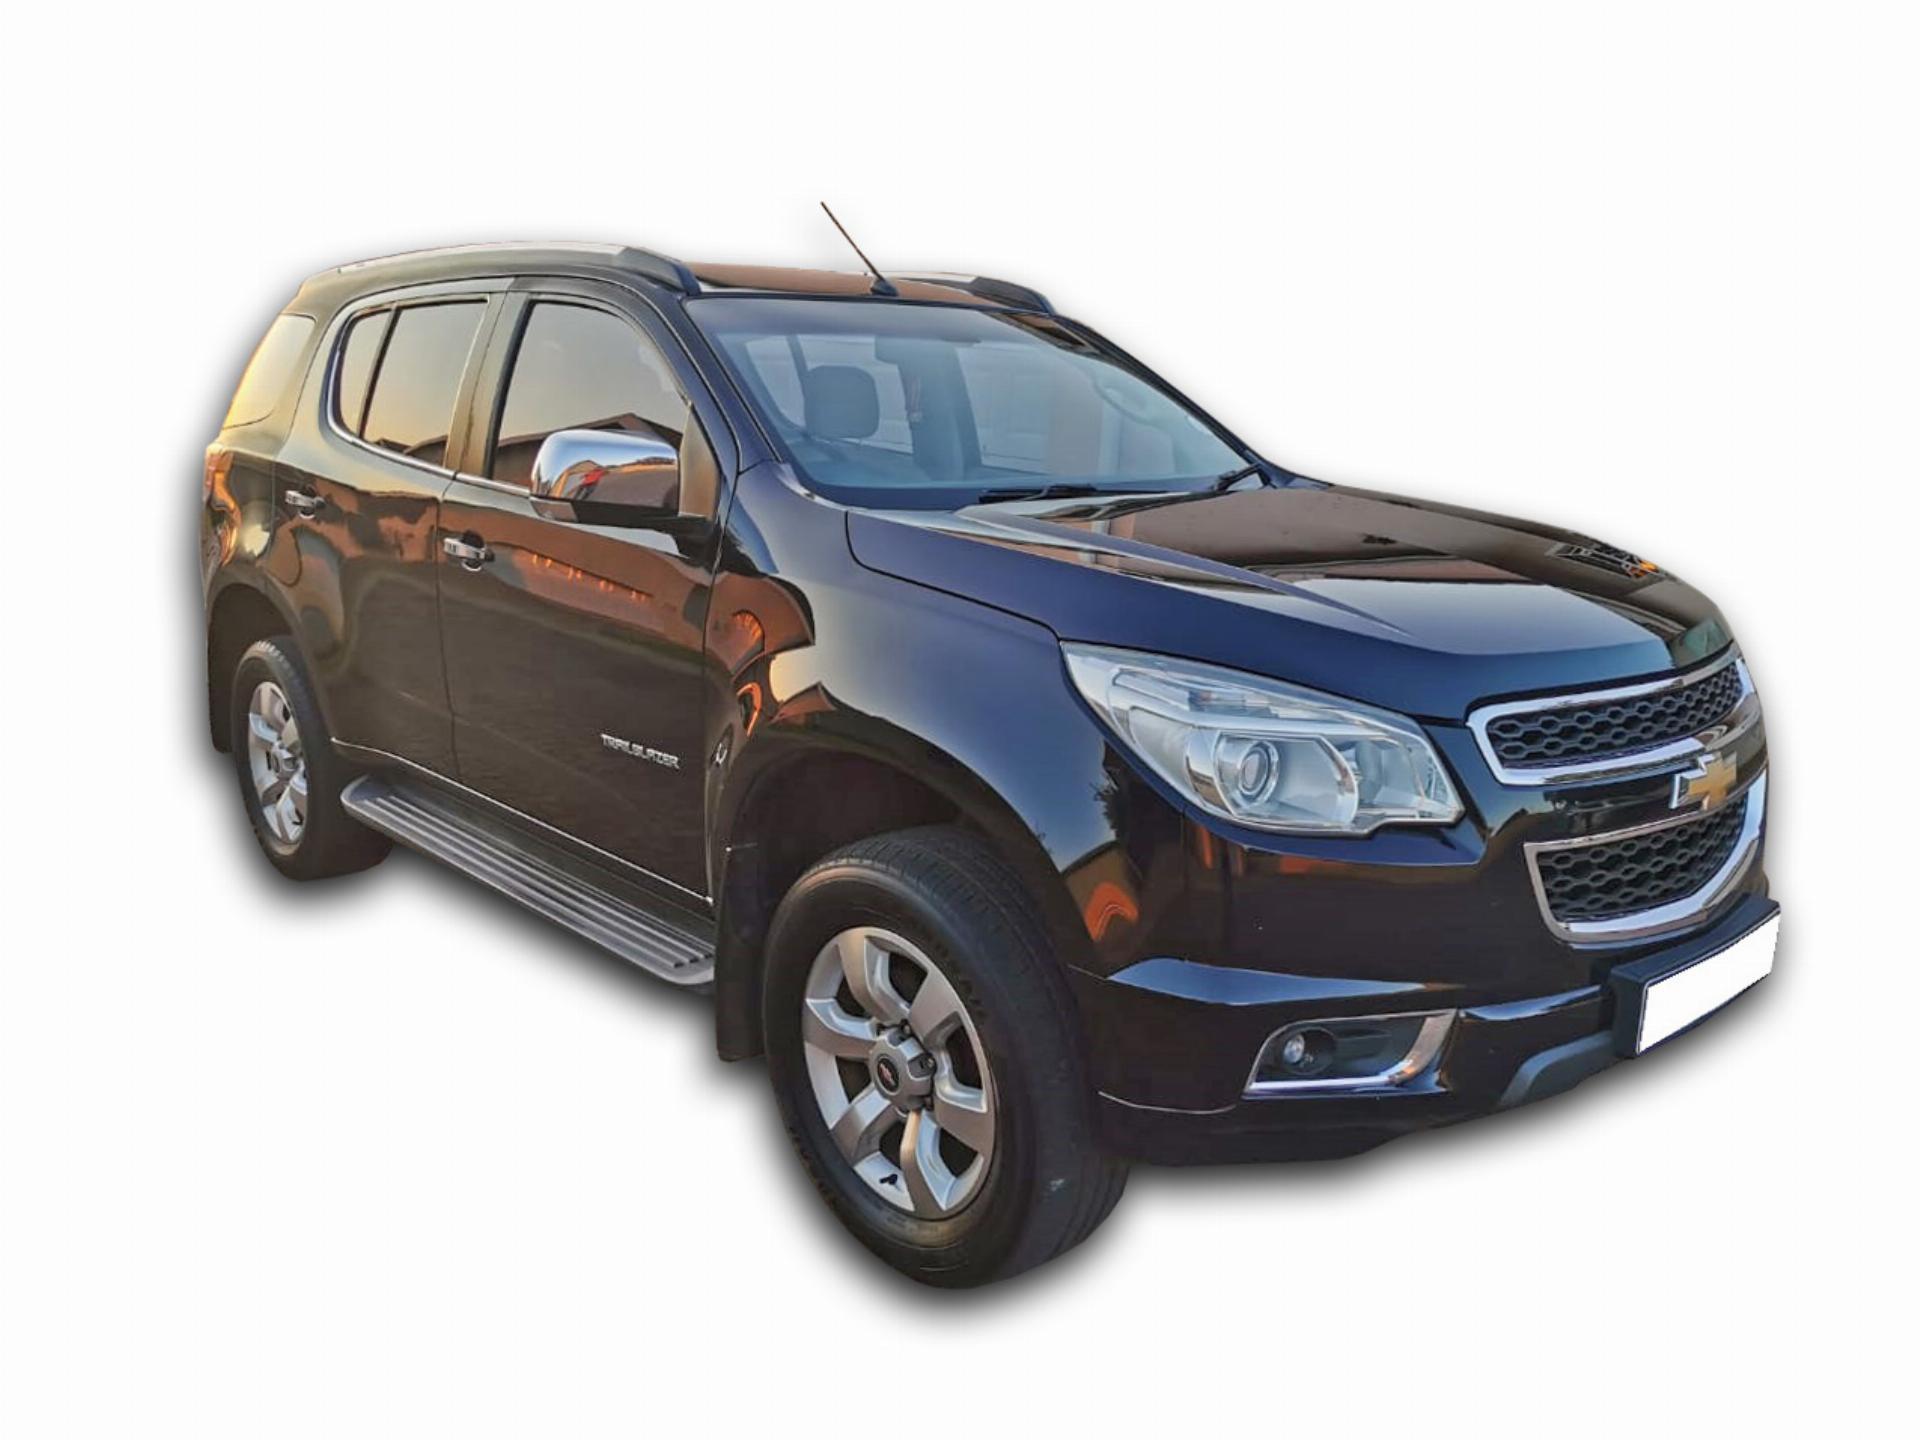 Chevrolet Trailblazer 2.8L Duramax Diesel